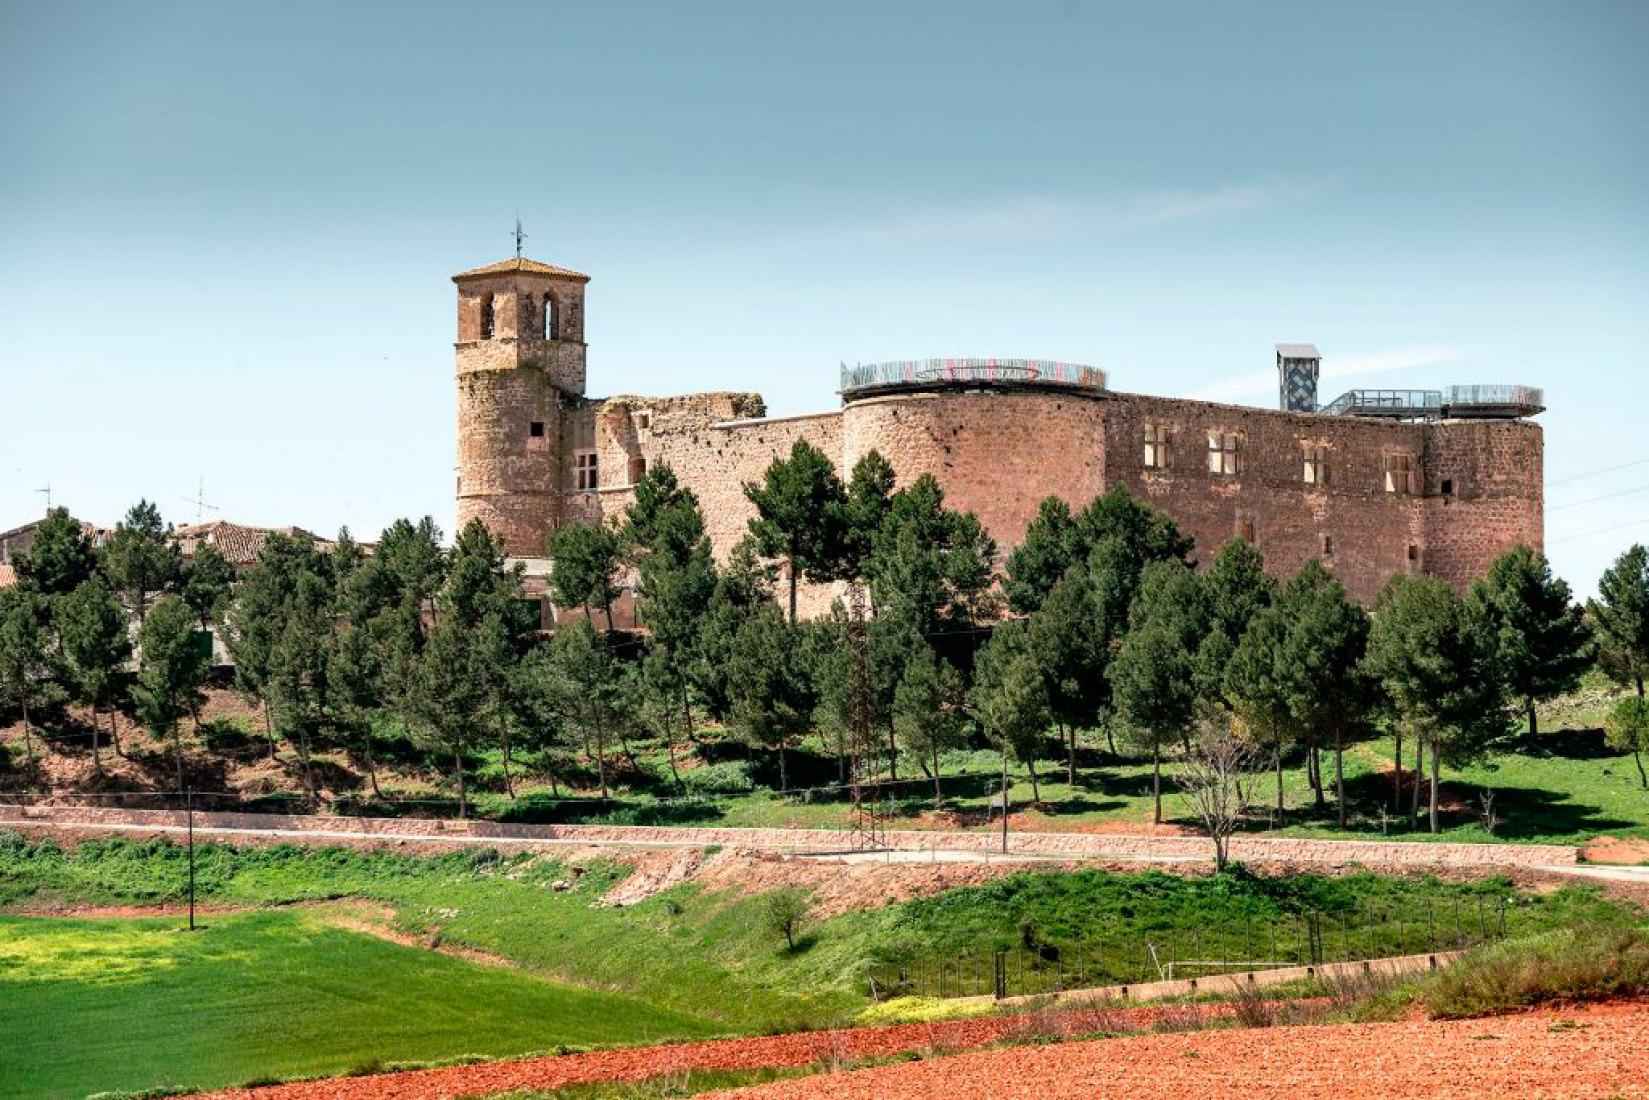 Vista exterior del Castillo de Garcimuñoz rehabilitado por Izaskun Chinchilla. Fotografía © Miguel de Guzmán y Rocío Romero. Imagen cortesía de Imagen Subliminal